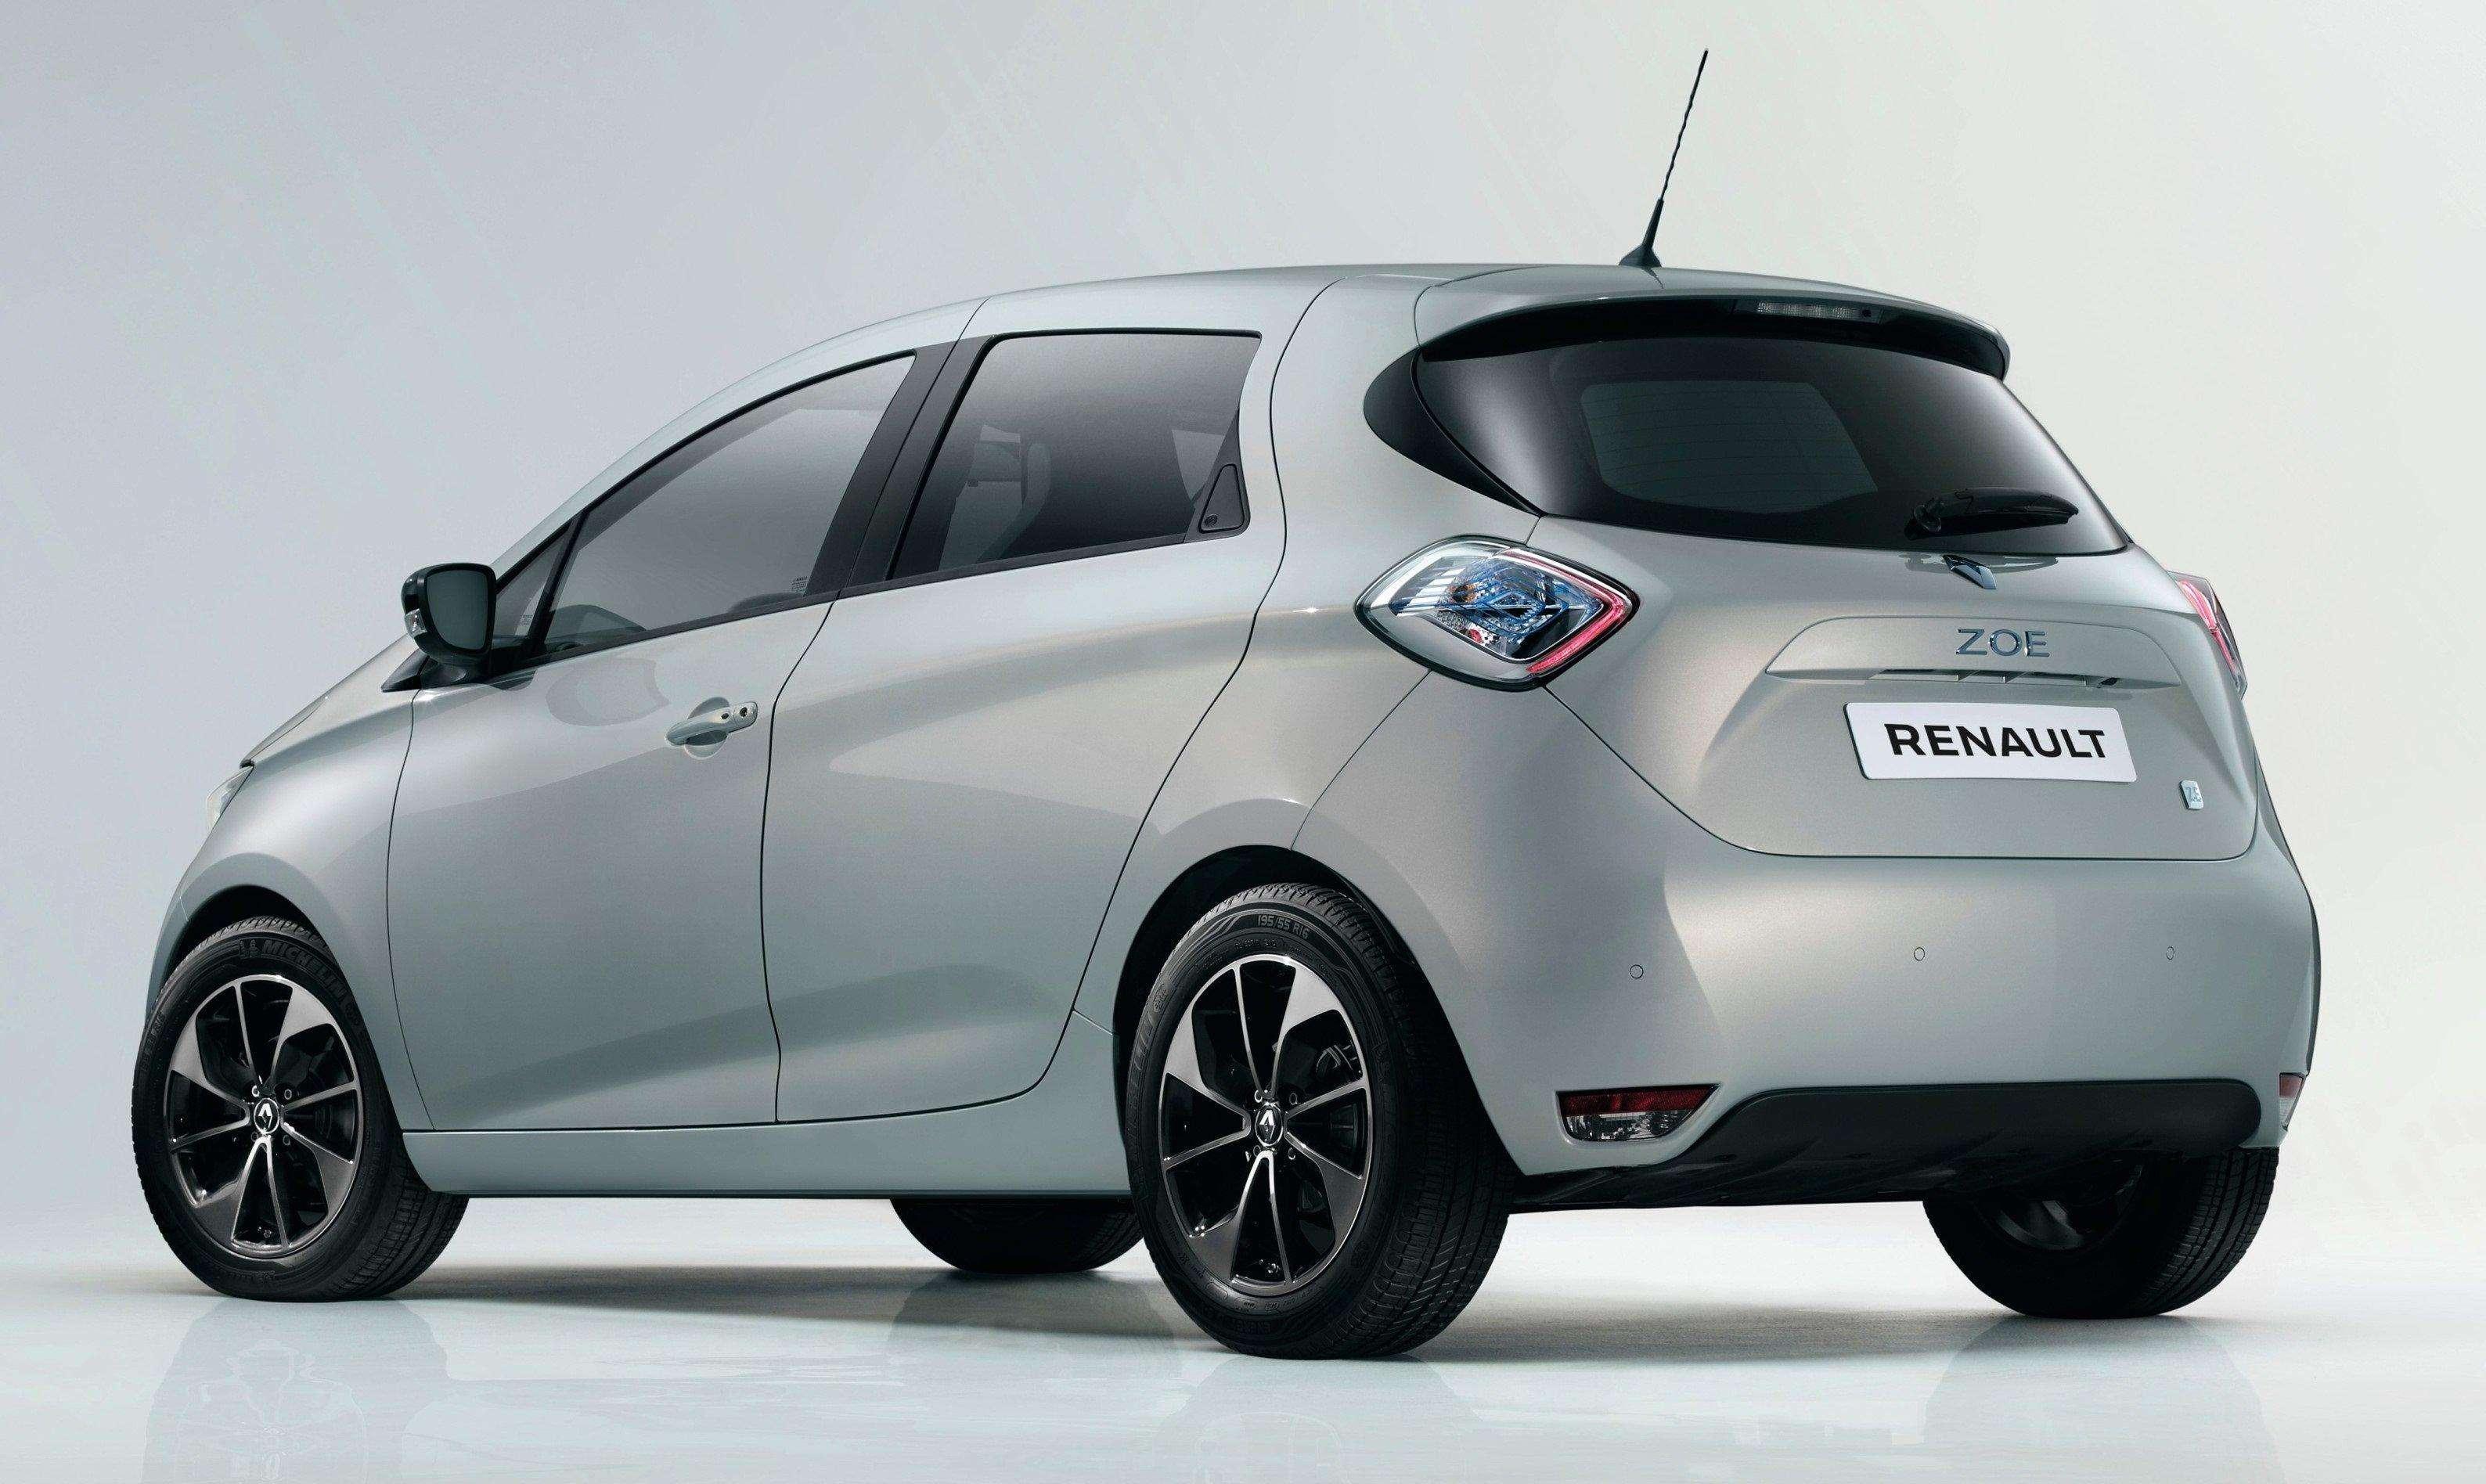 Renault_75982_global_en